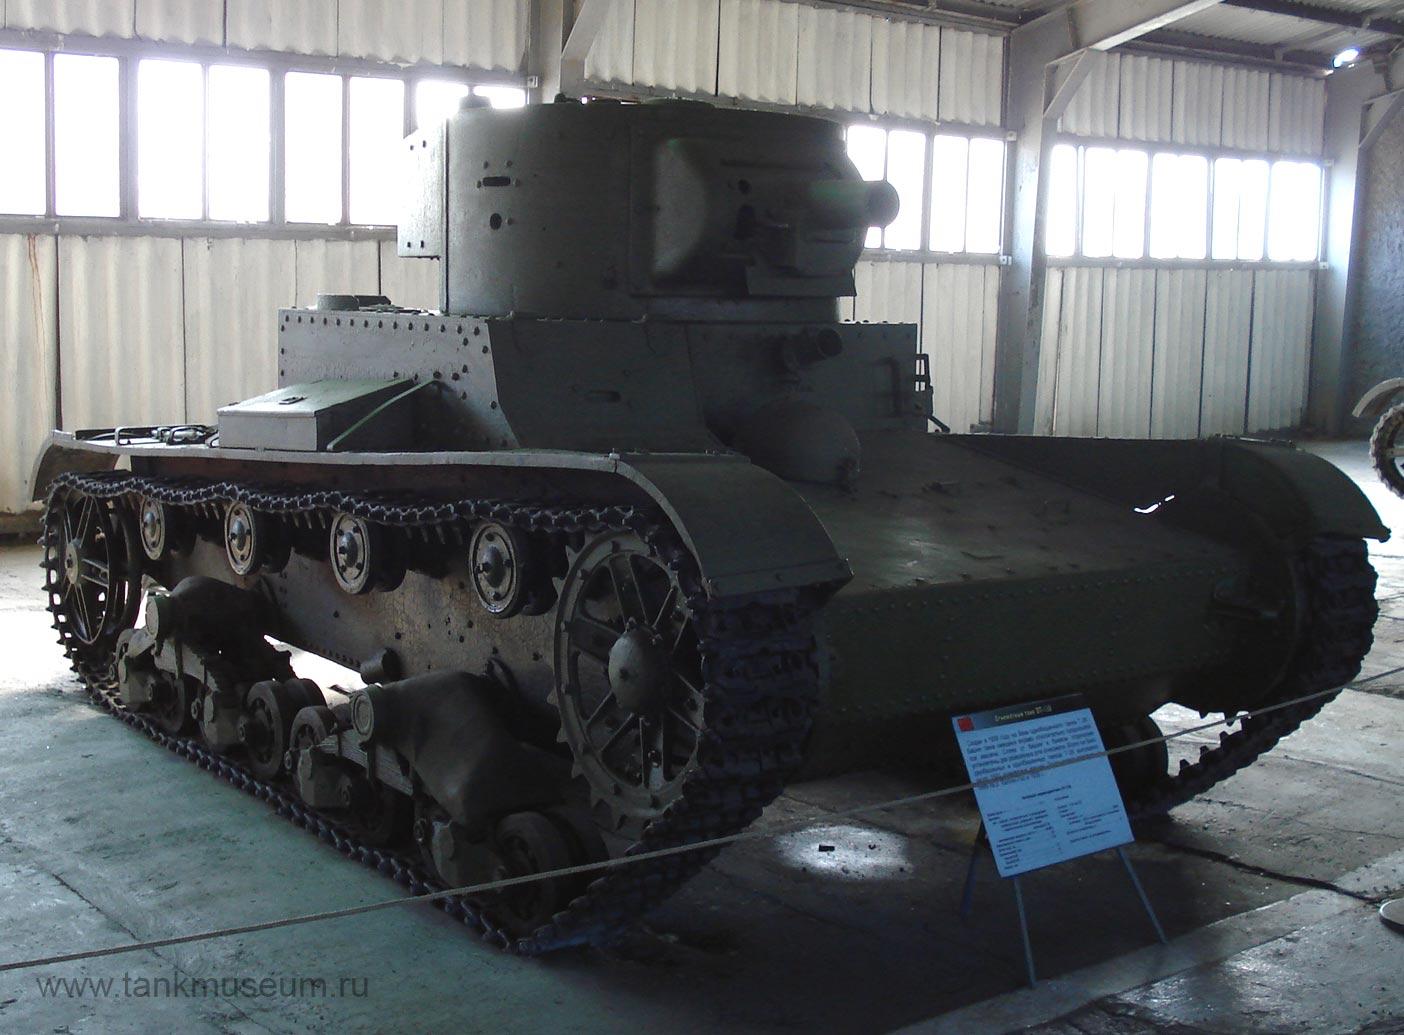 советский легкий огнеметный танк ОТ-130, танковый музей в Кубинке